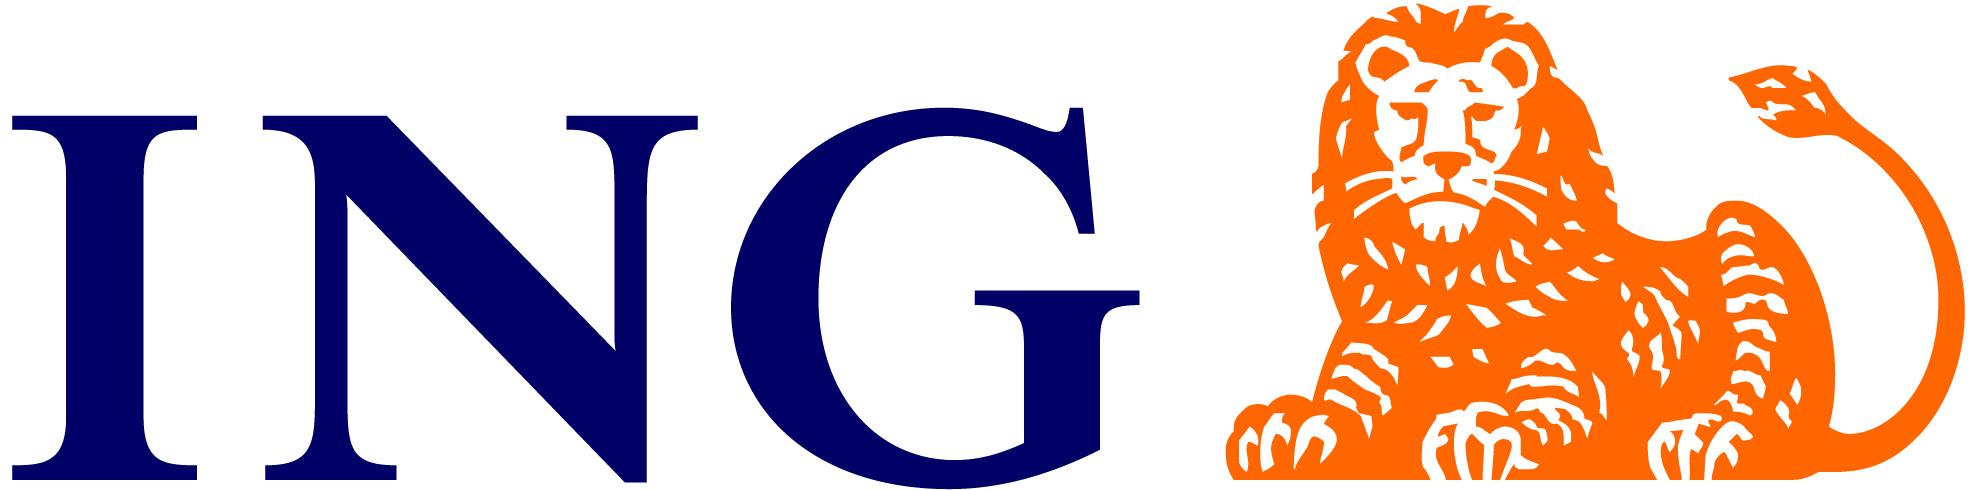 File:ING logo.png.